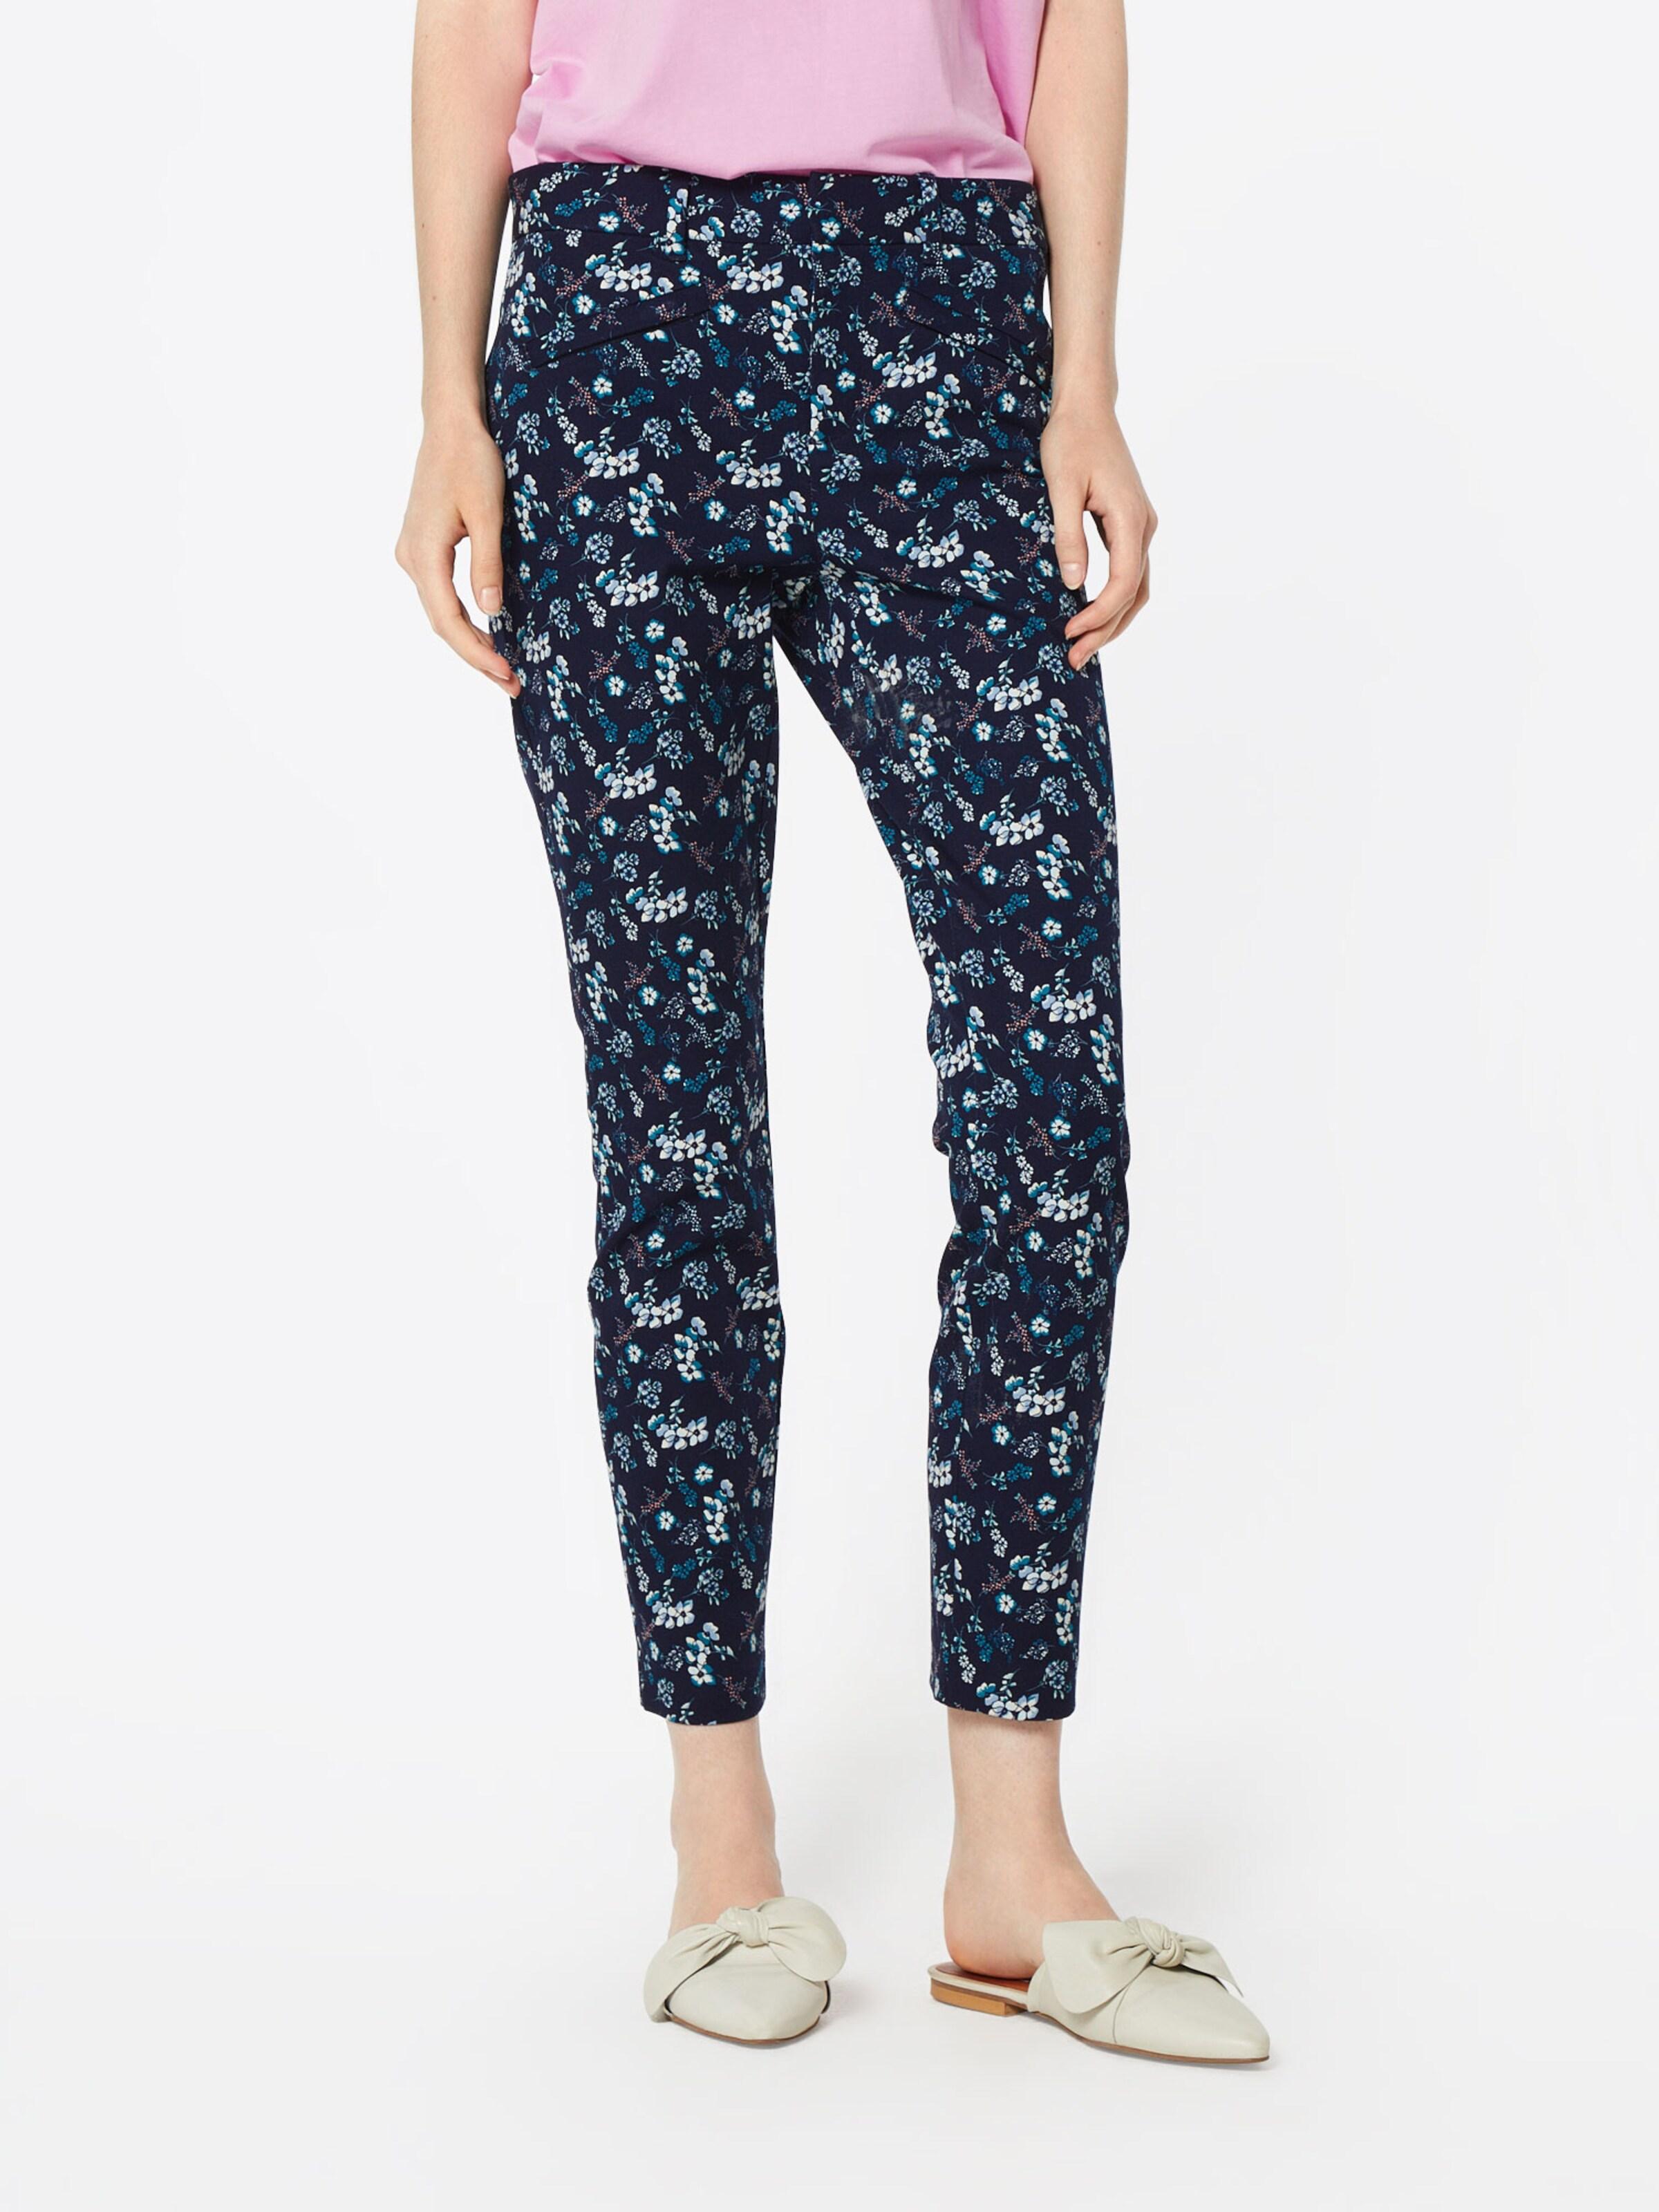 'skinny Pantalon En Bistretch' Gap Ankle Bleu wOmn0PyN8v